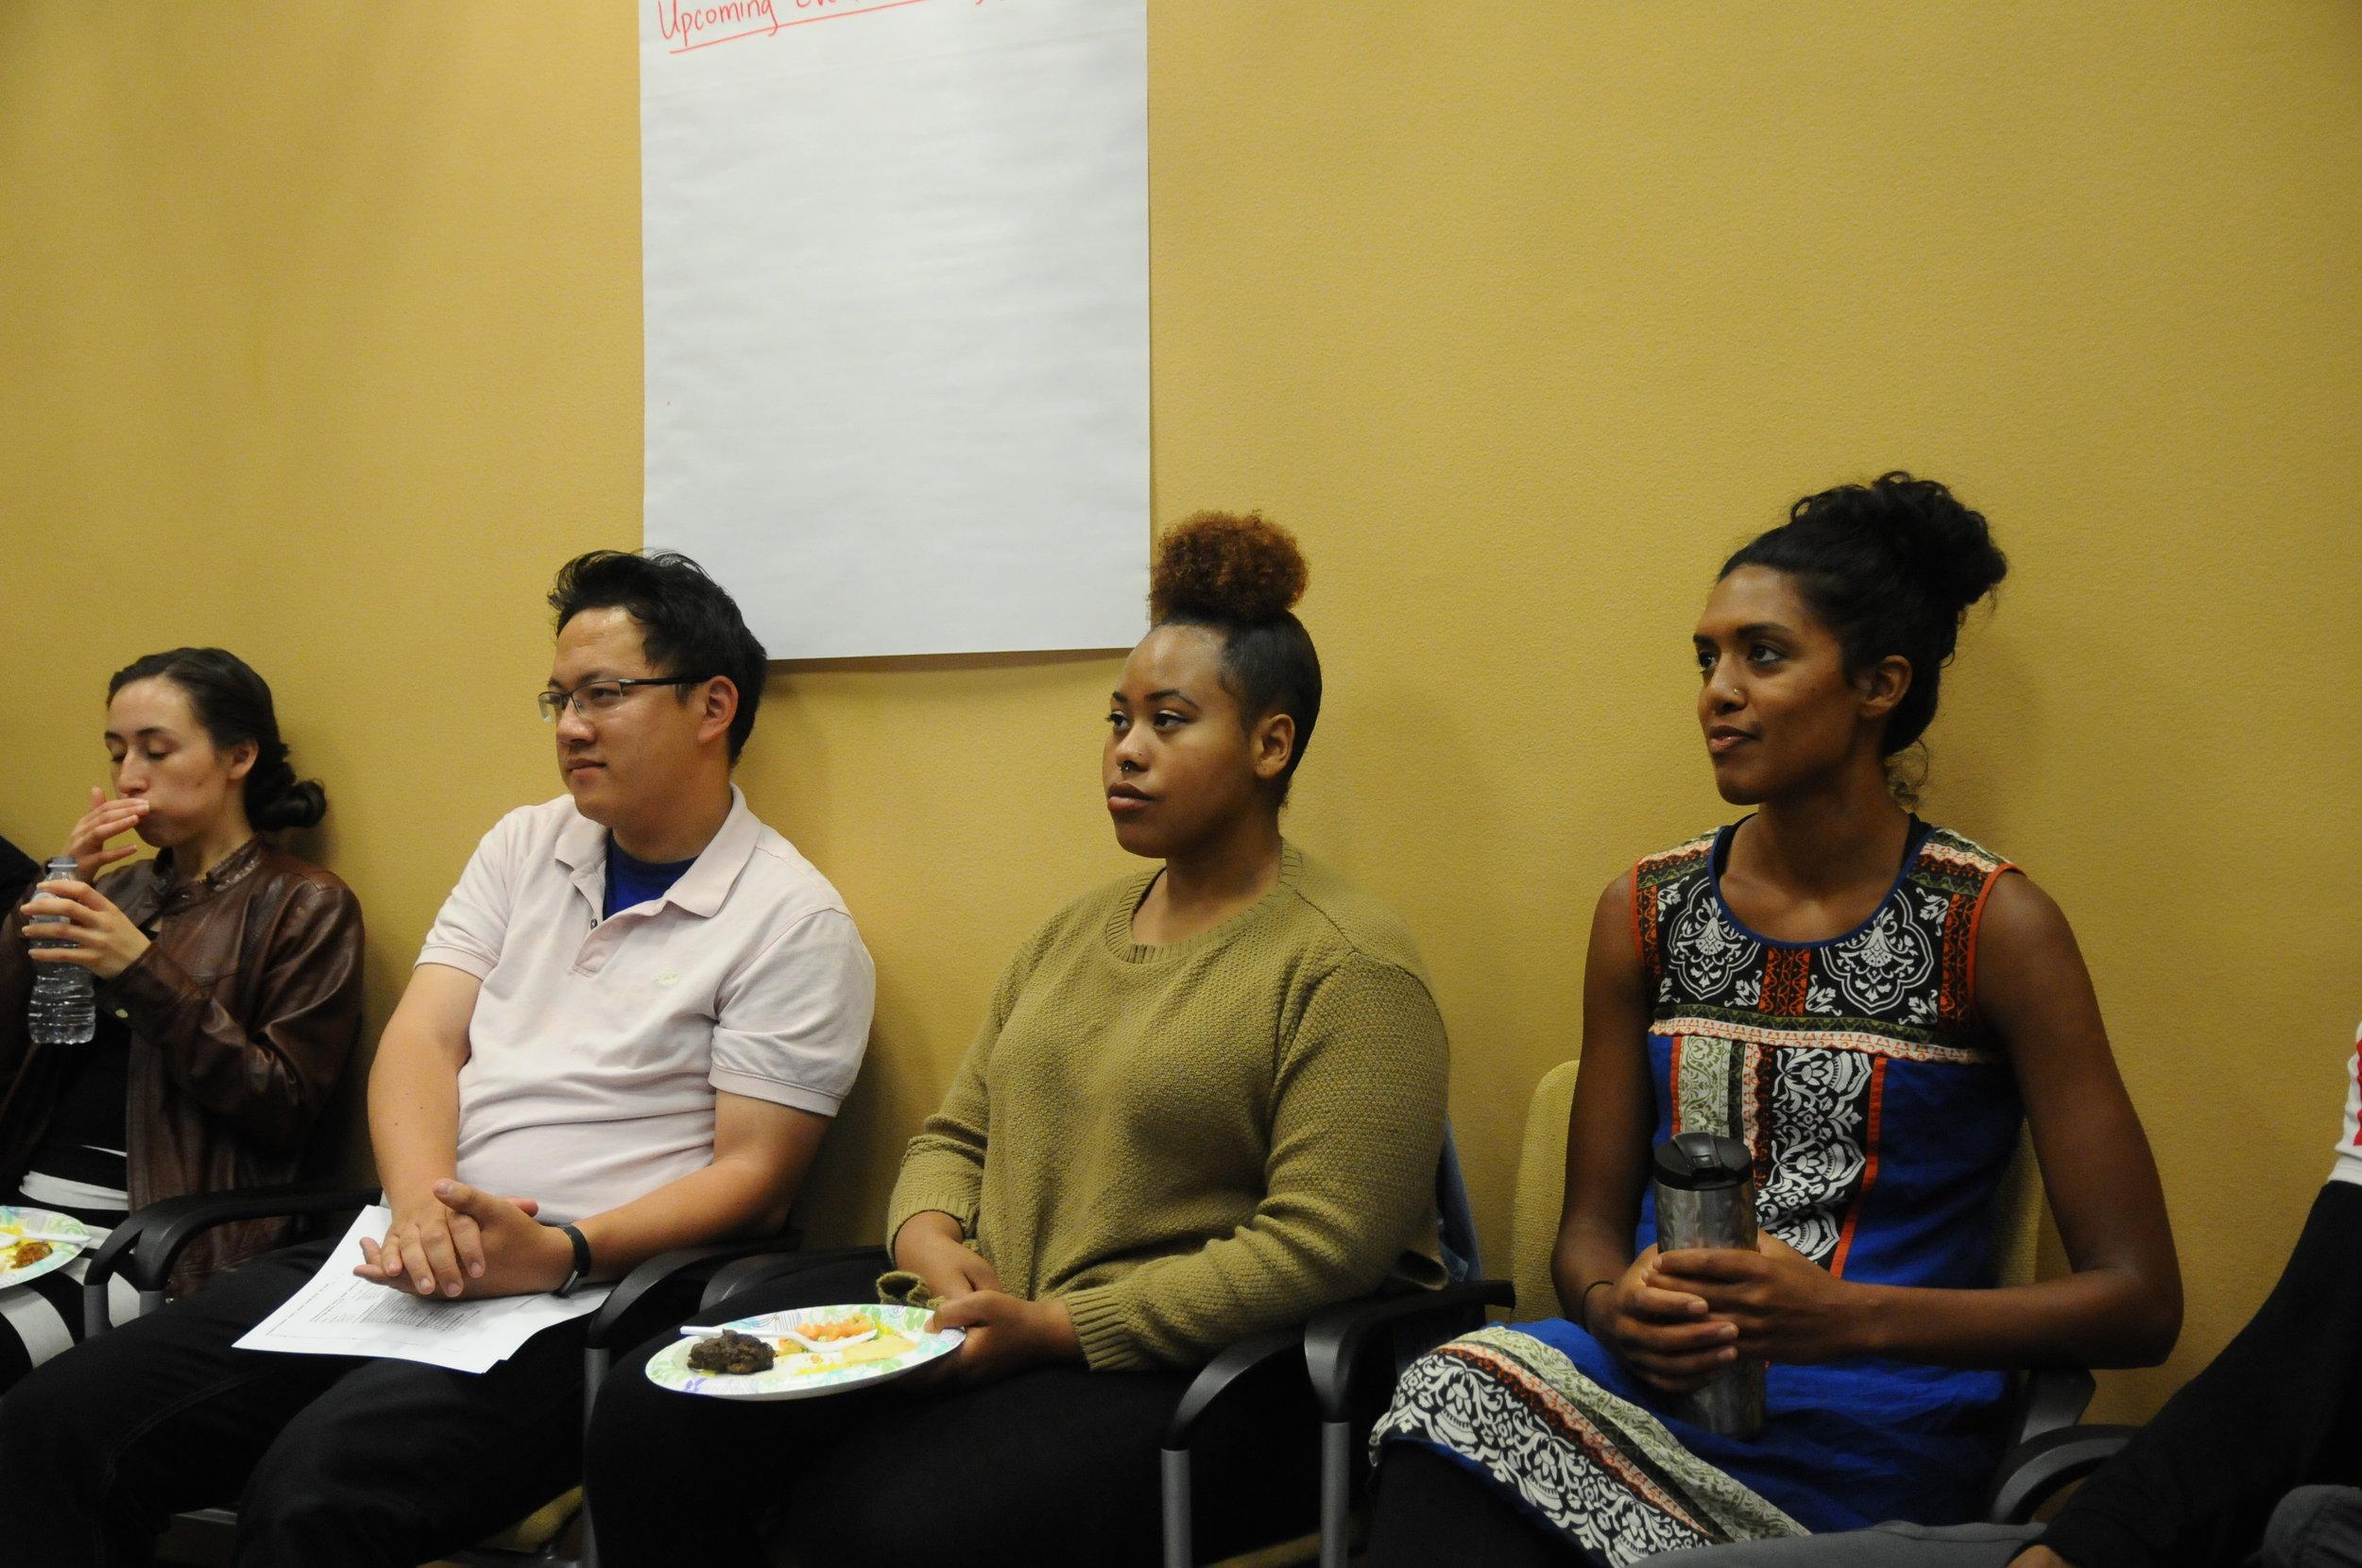 Oakland Equity team comm leader training wkshp 2 014.JPG